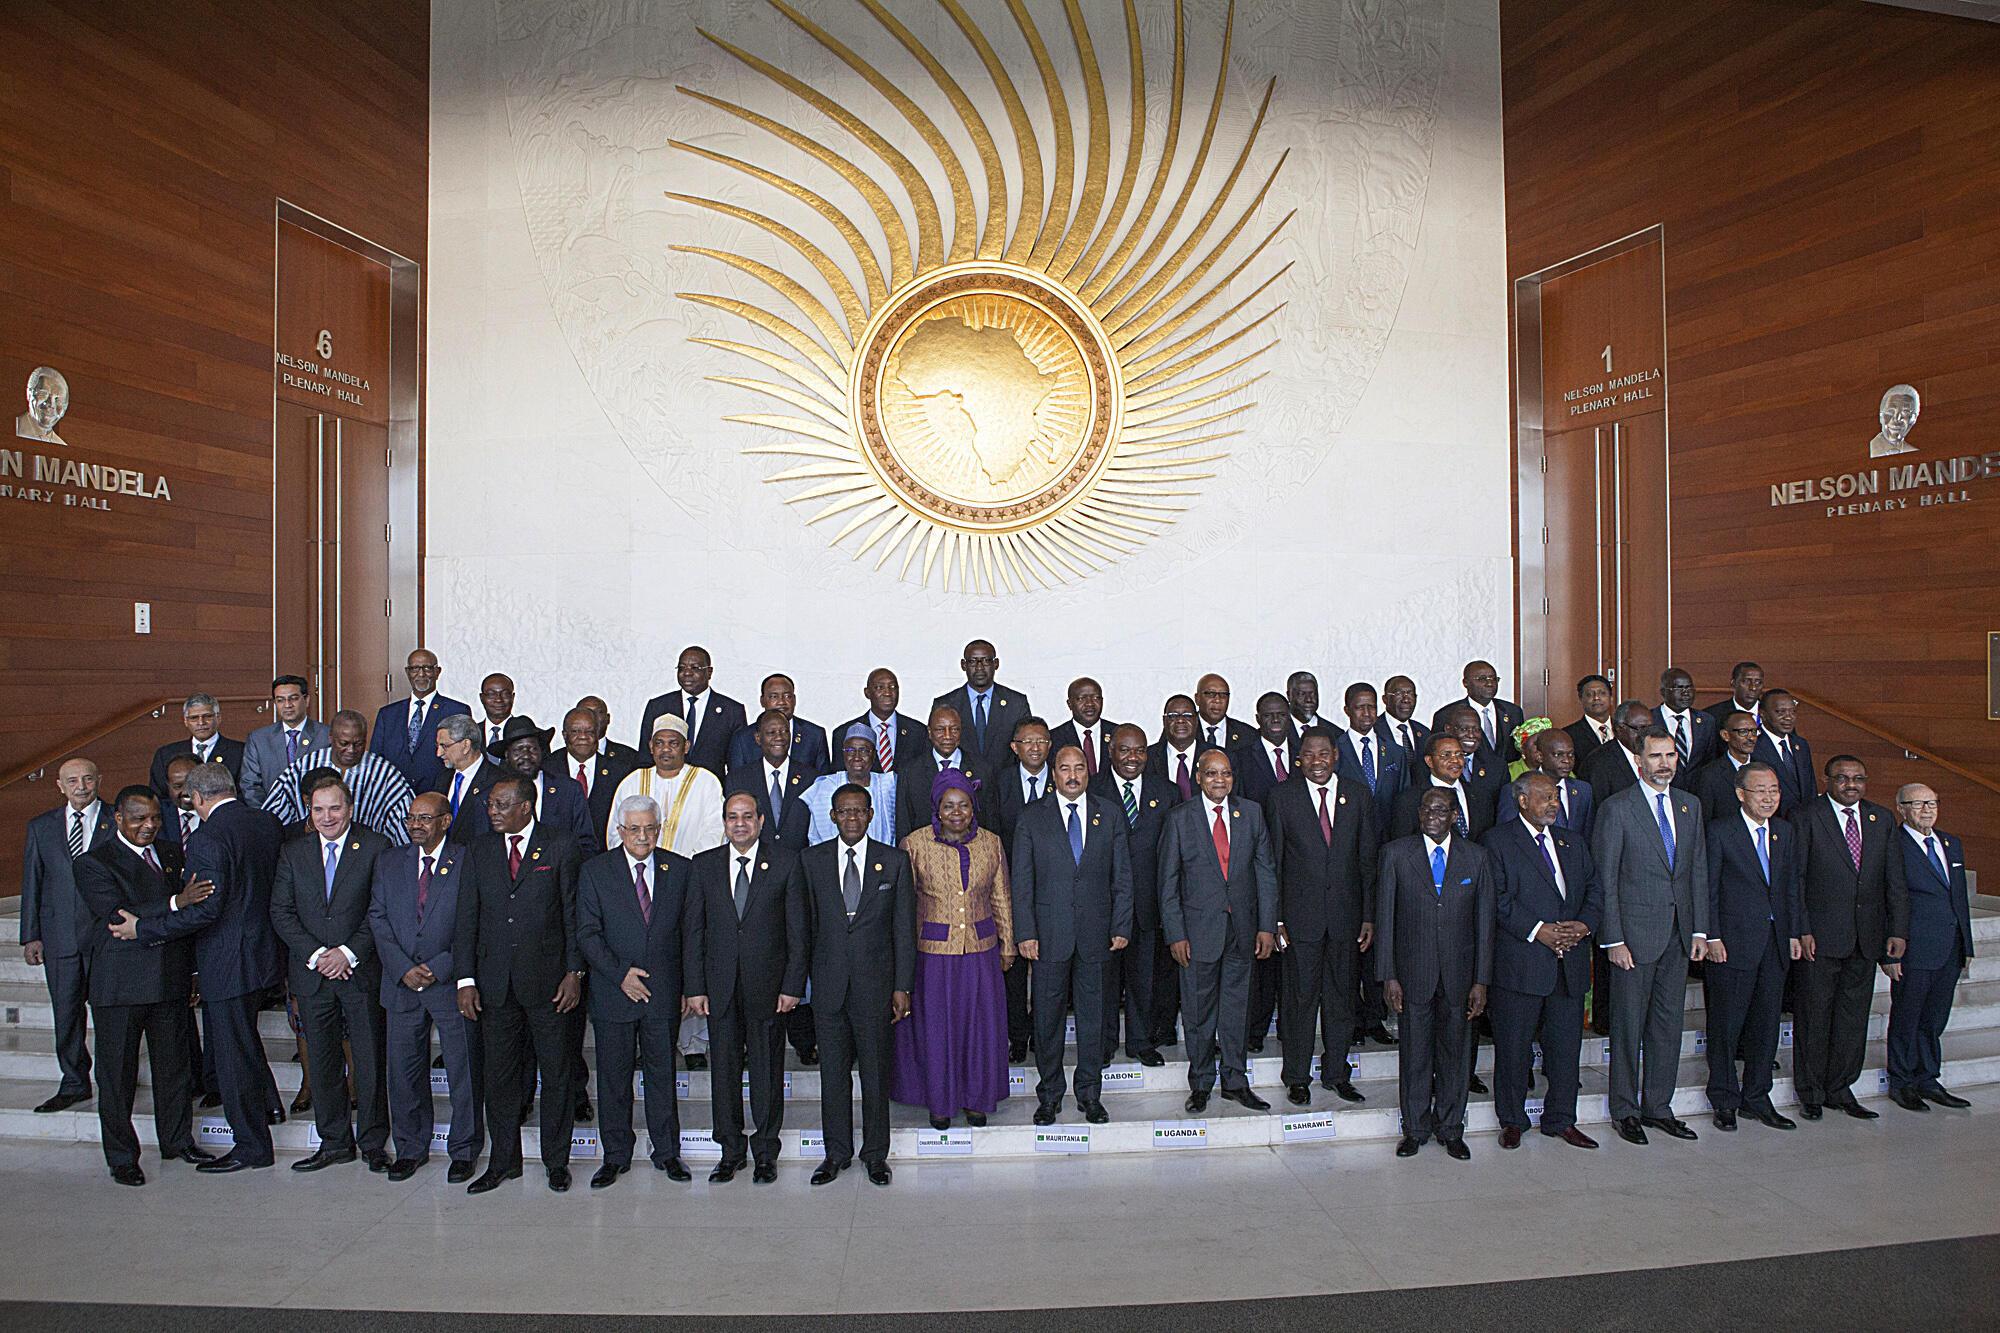 Les chefs d'Etat et de gouvernement de l'Union africaine, lors de la cérémonie d'ouverture du 24e sommet à Addis-Abeba, le 30 janvier 2015.